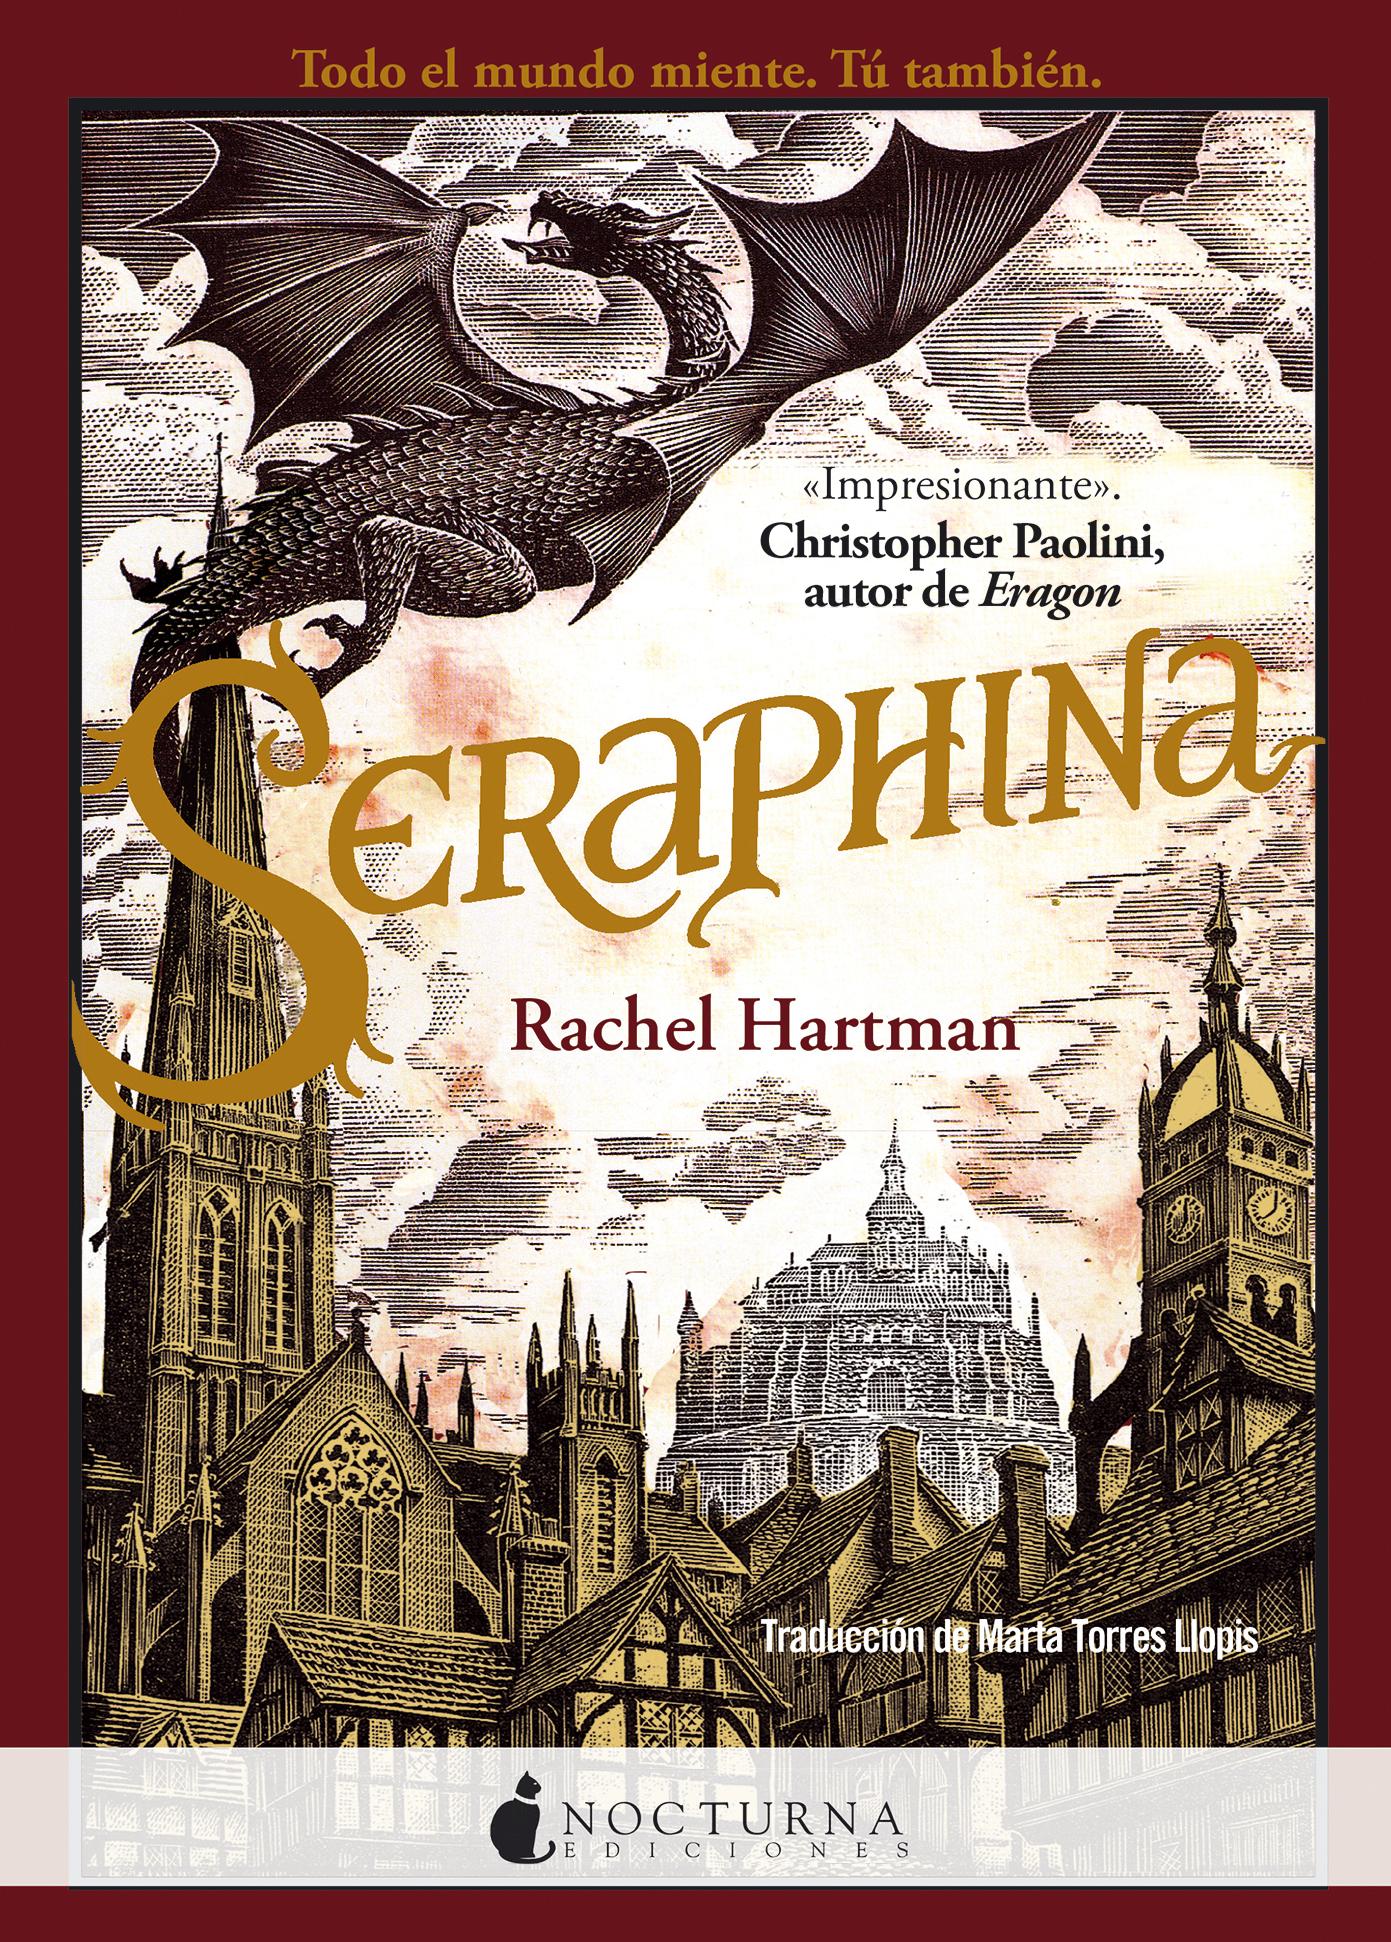 Resultado de imagen de seraphina libro